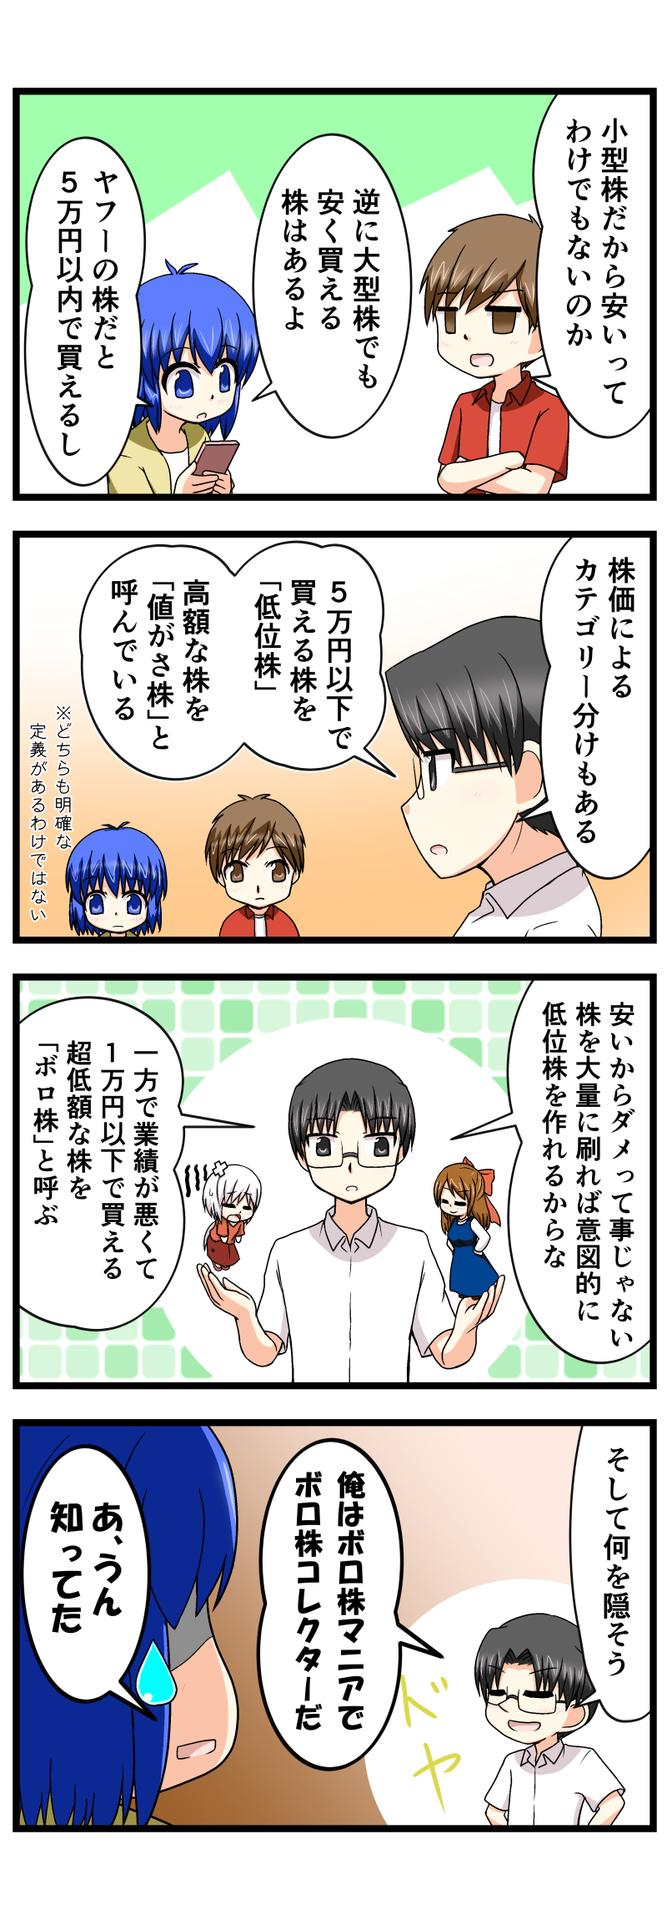 萌える株セミナー59.jpg